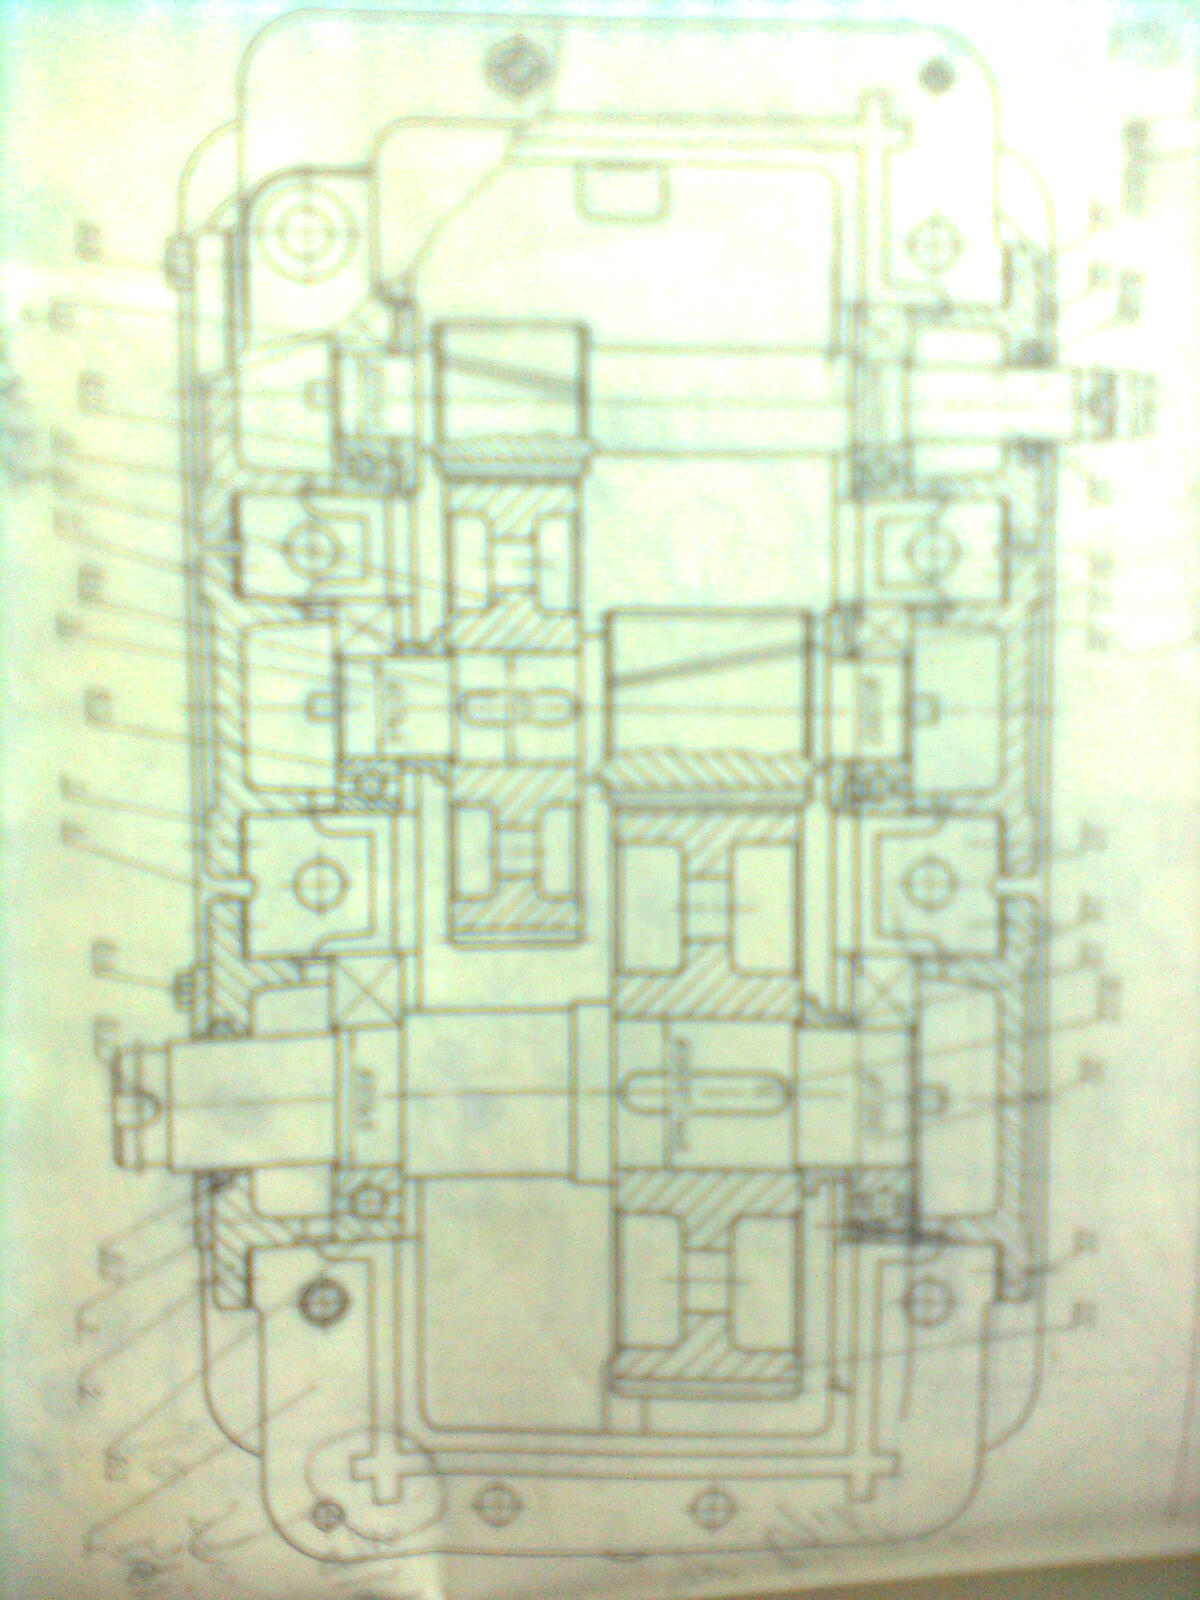 做圆柱体-有人做二级圆柱齿轮减速器的课程设计么?紧急需要一份装配图啊 (图片